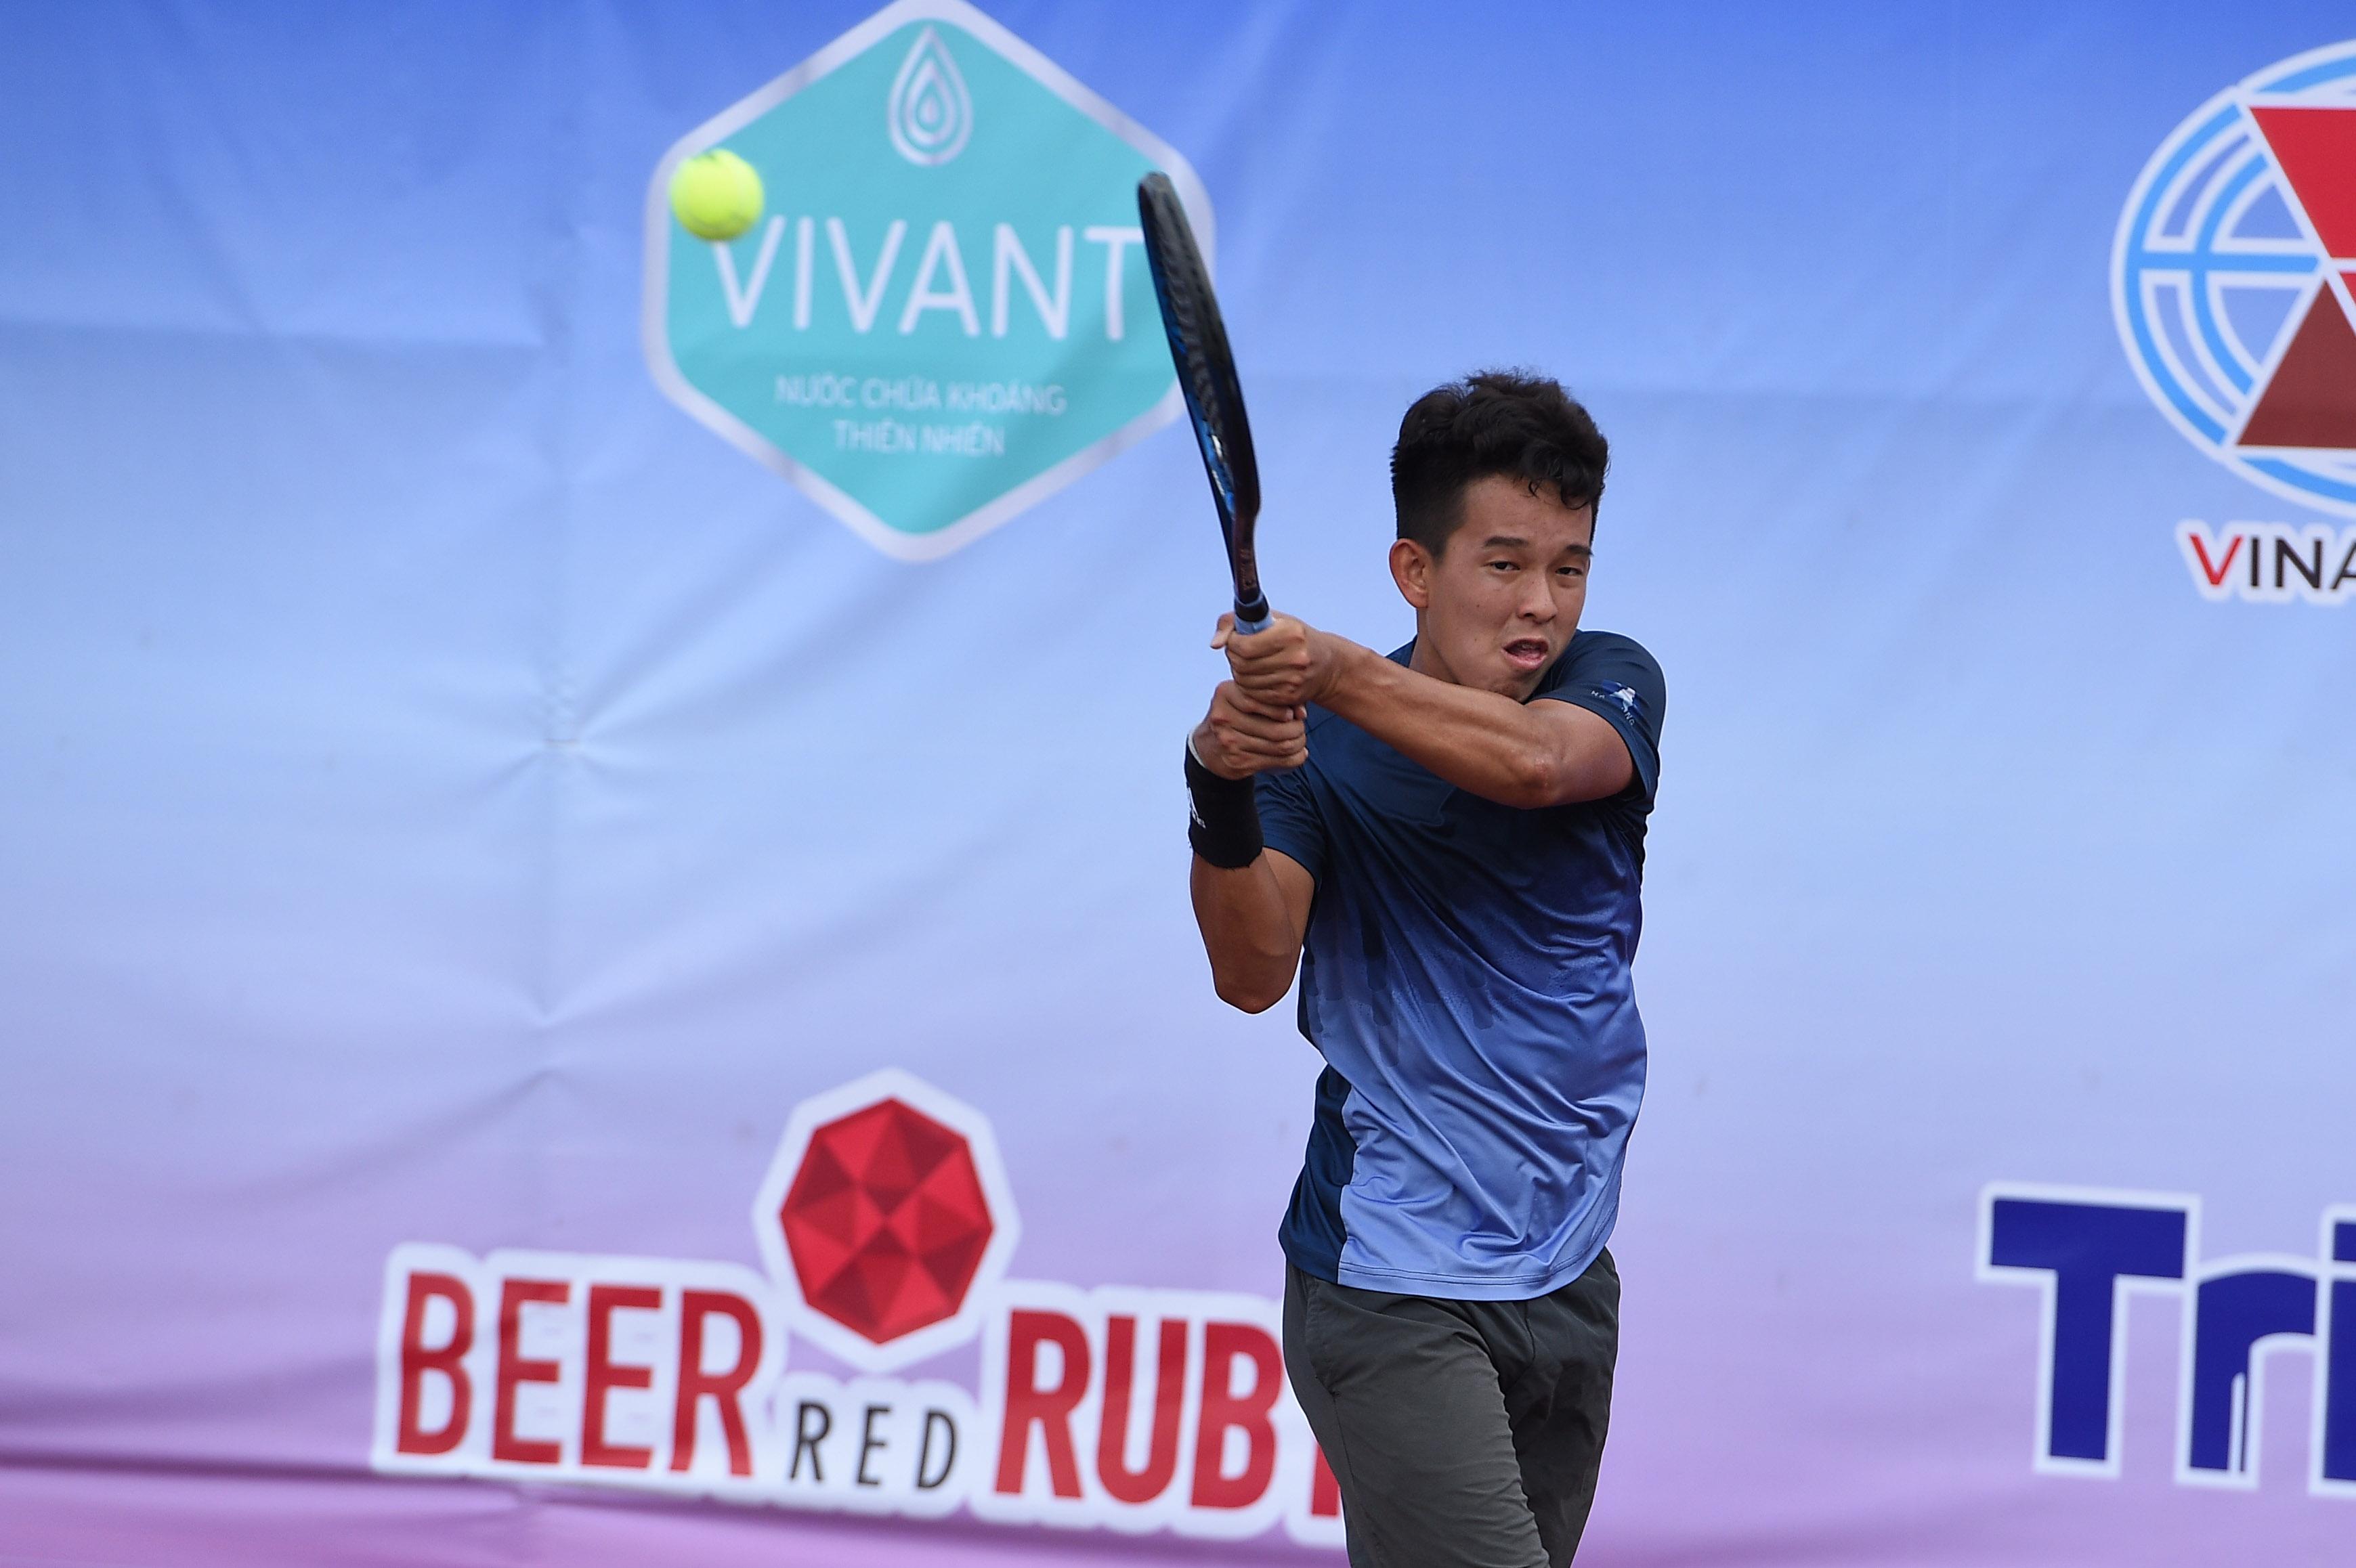 Hình ảnh: Giải quần vợt vô địch đồng đội Quốc gia 2021 kết thúc thành công tốt đẹp số 2